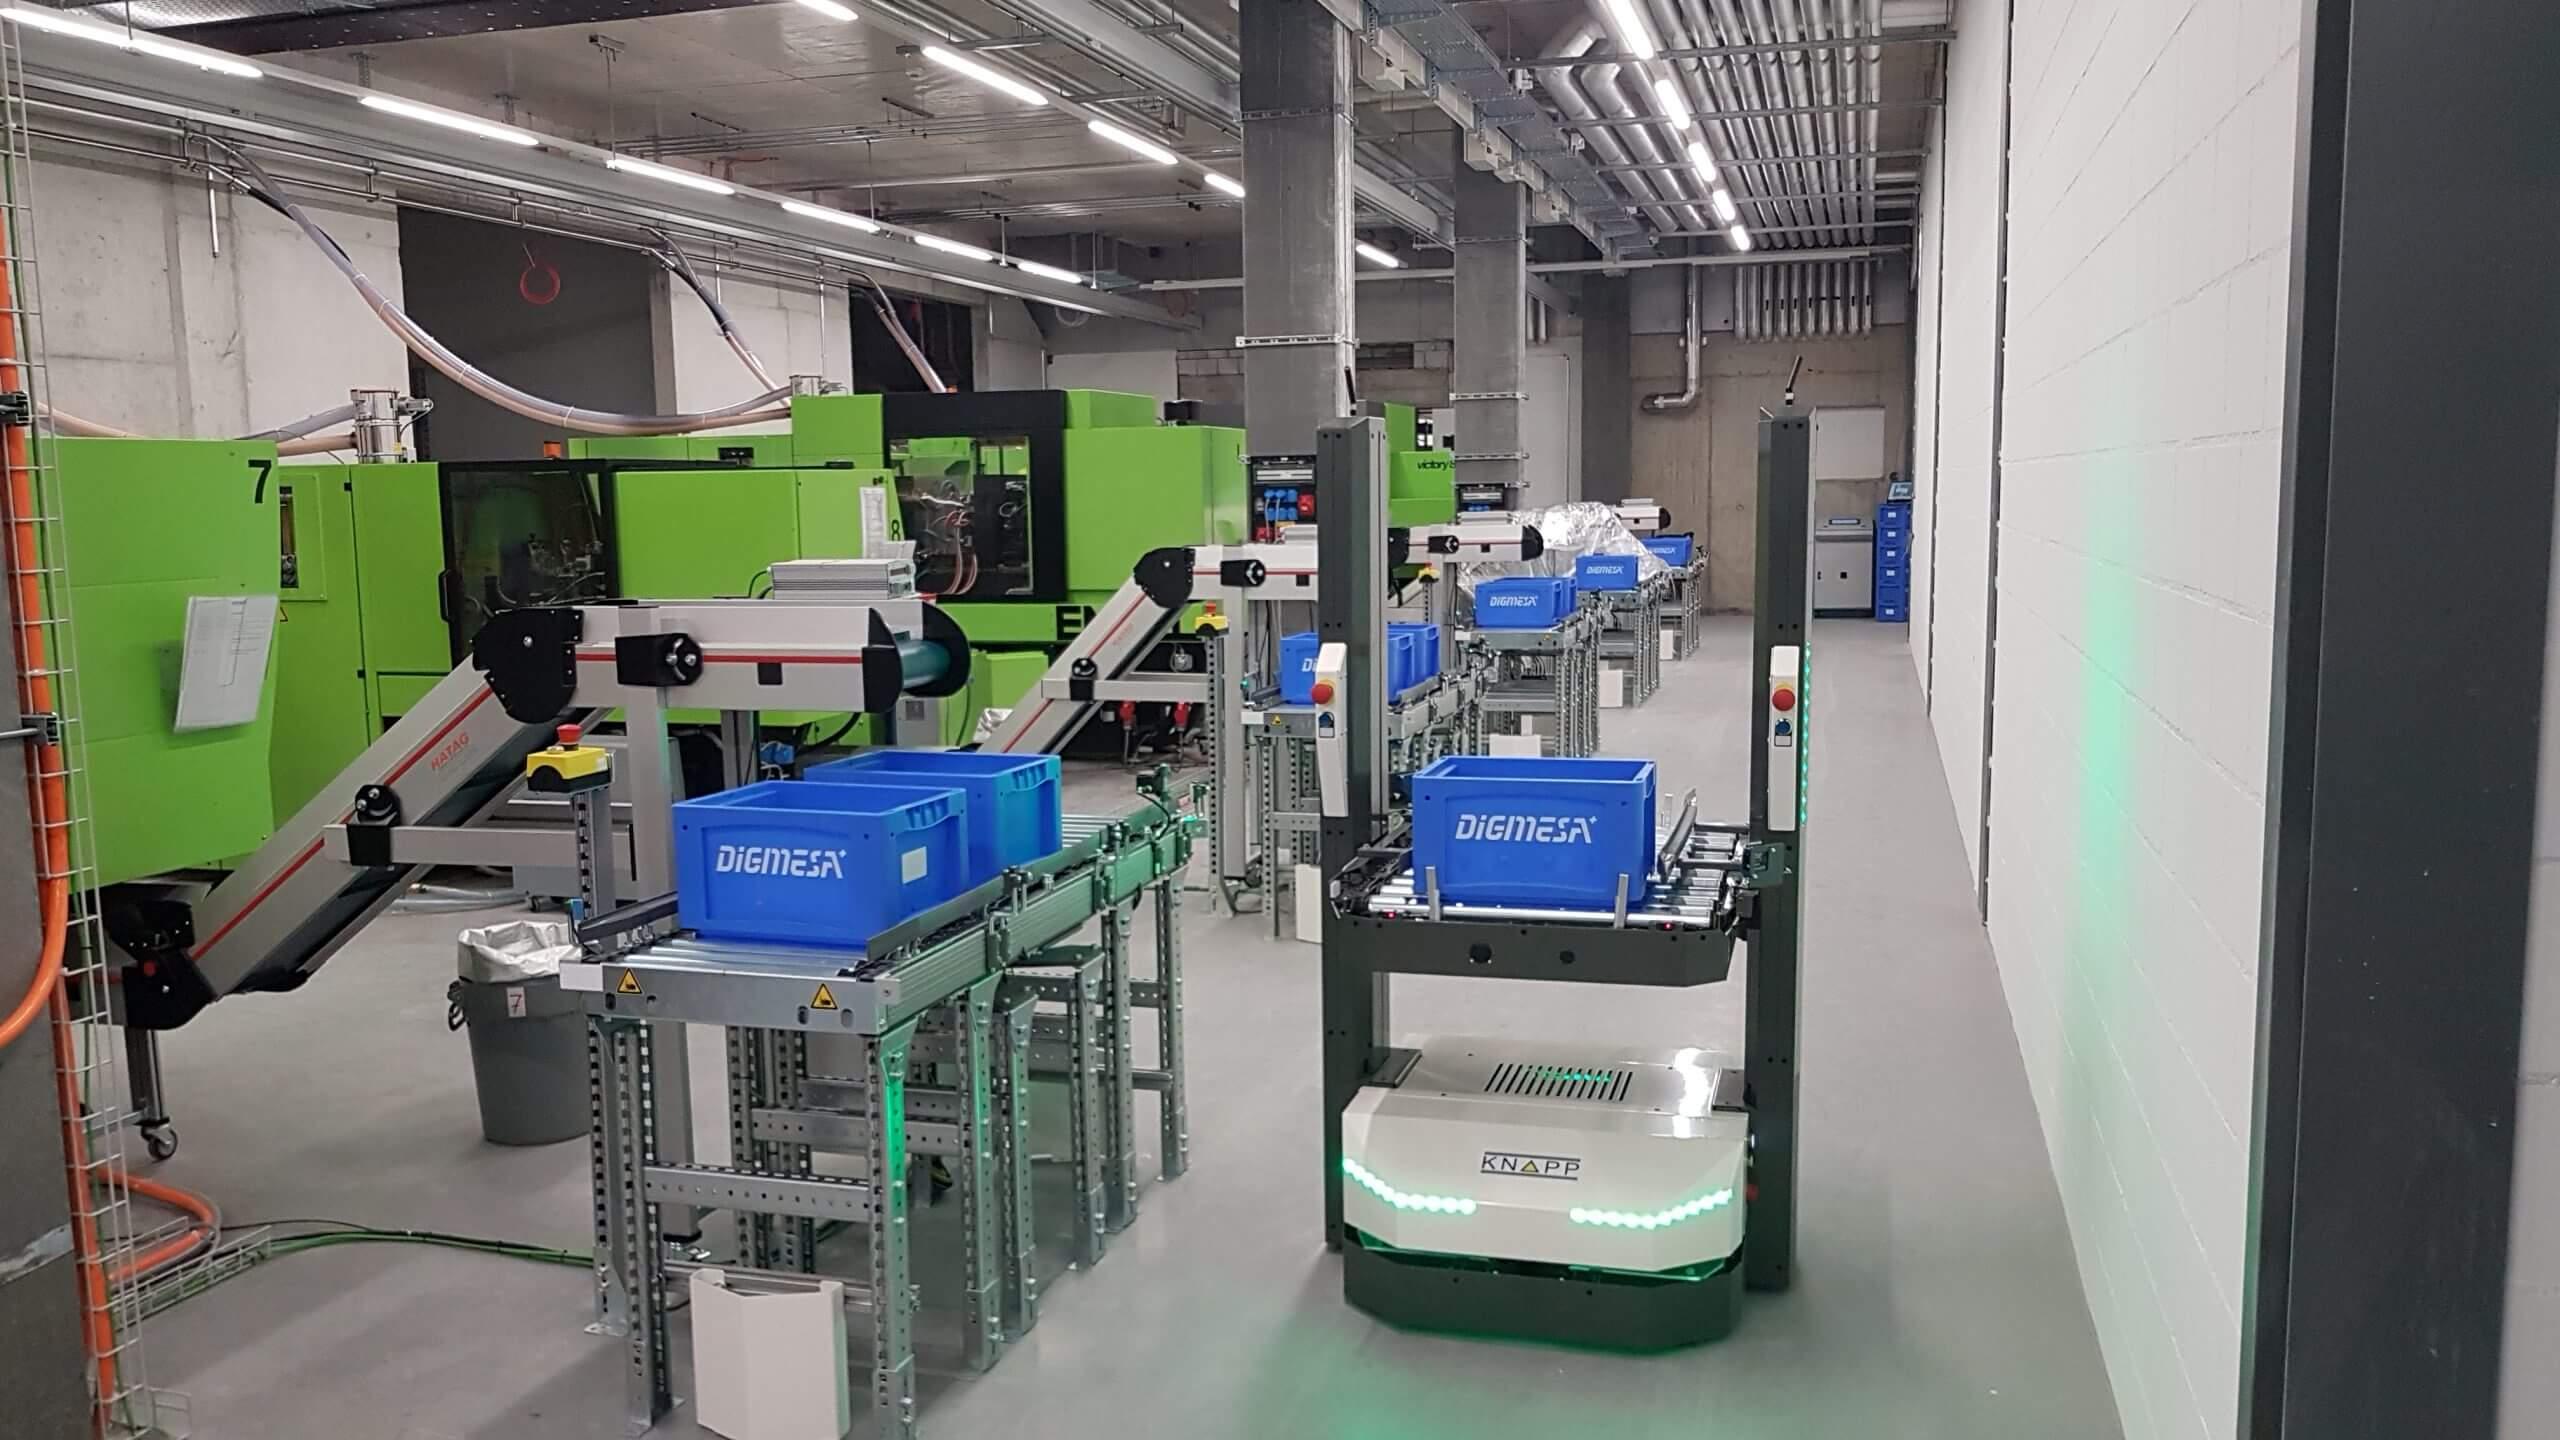 Le véhicule autoguidé (AGV) de KNAPP fournit des machines de moulage par injection de Digmesa.